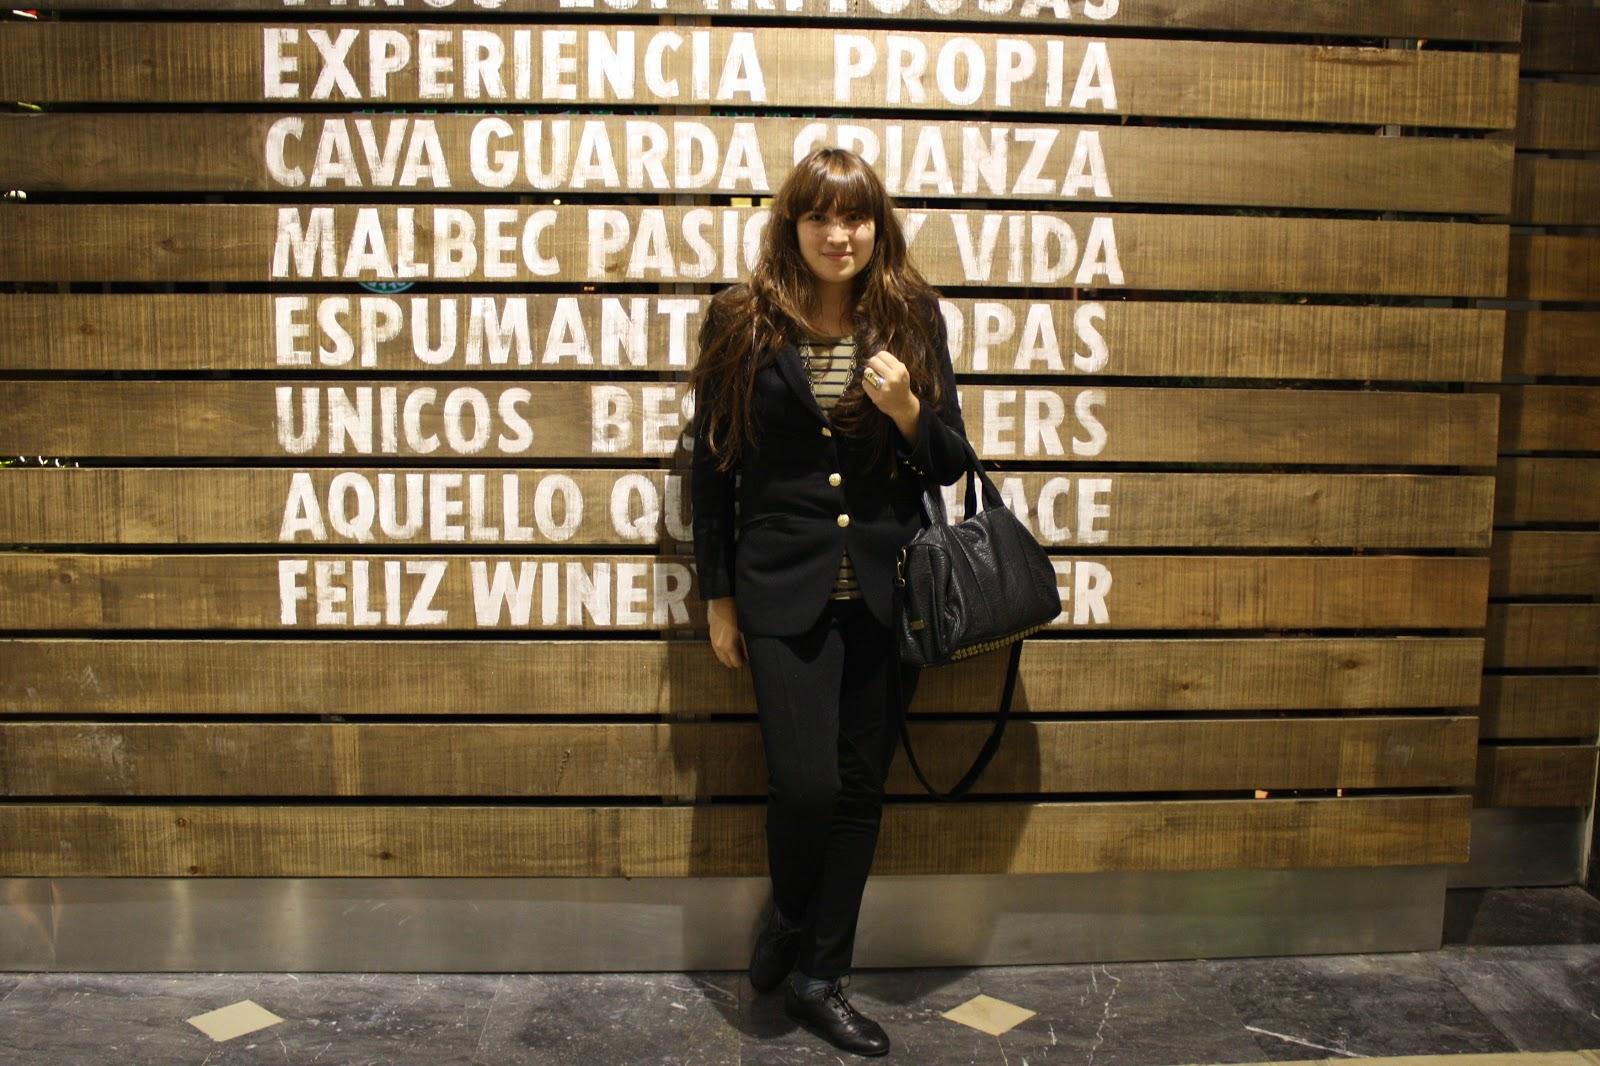 c099ba73d Remera y Pantalón, Yagmour. Saco, Complot. Oxford, no label. Cartera